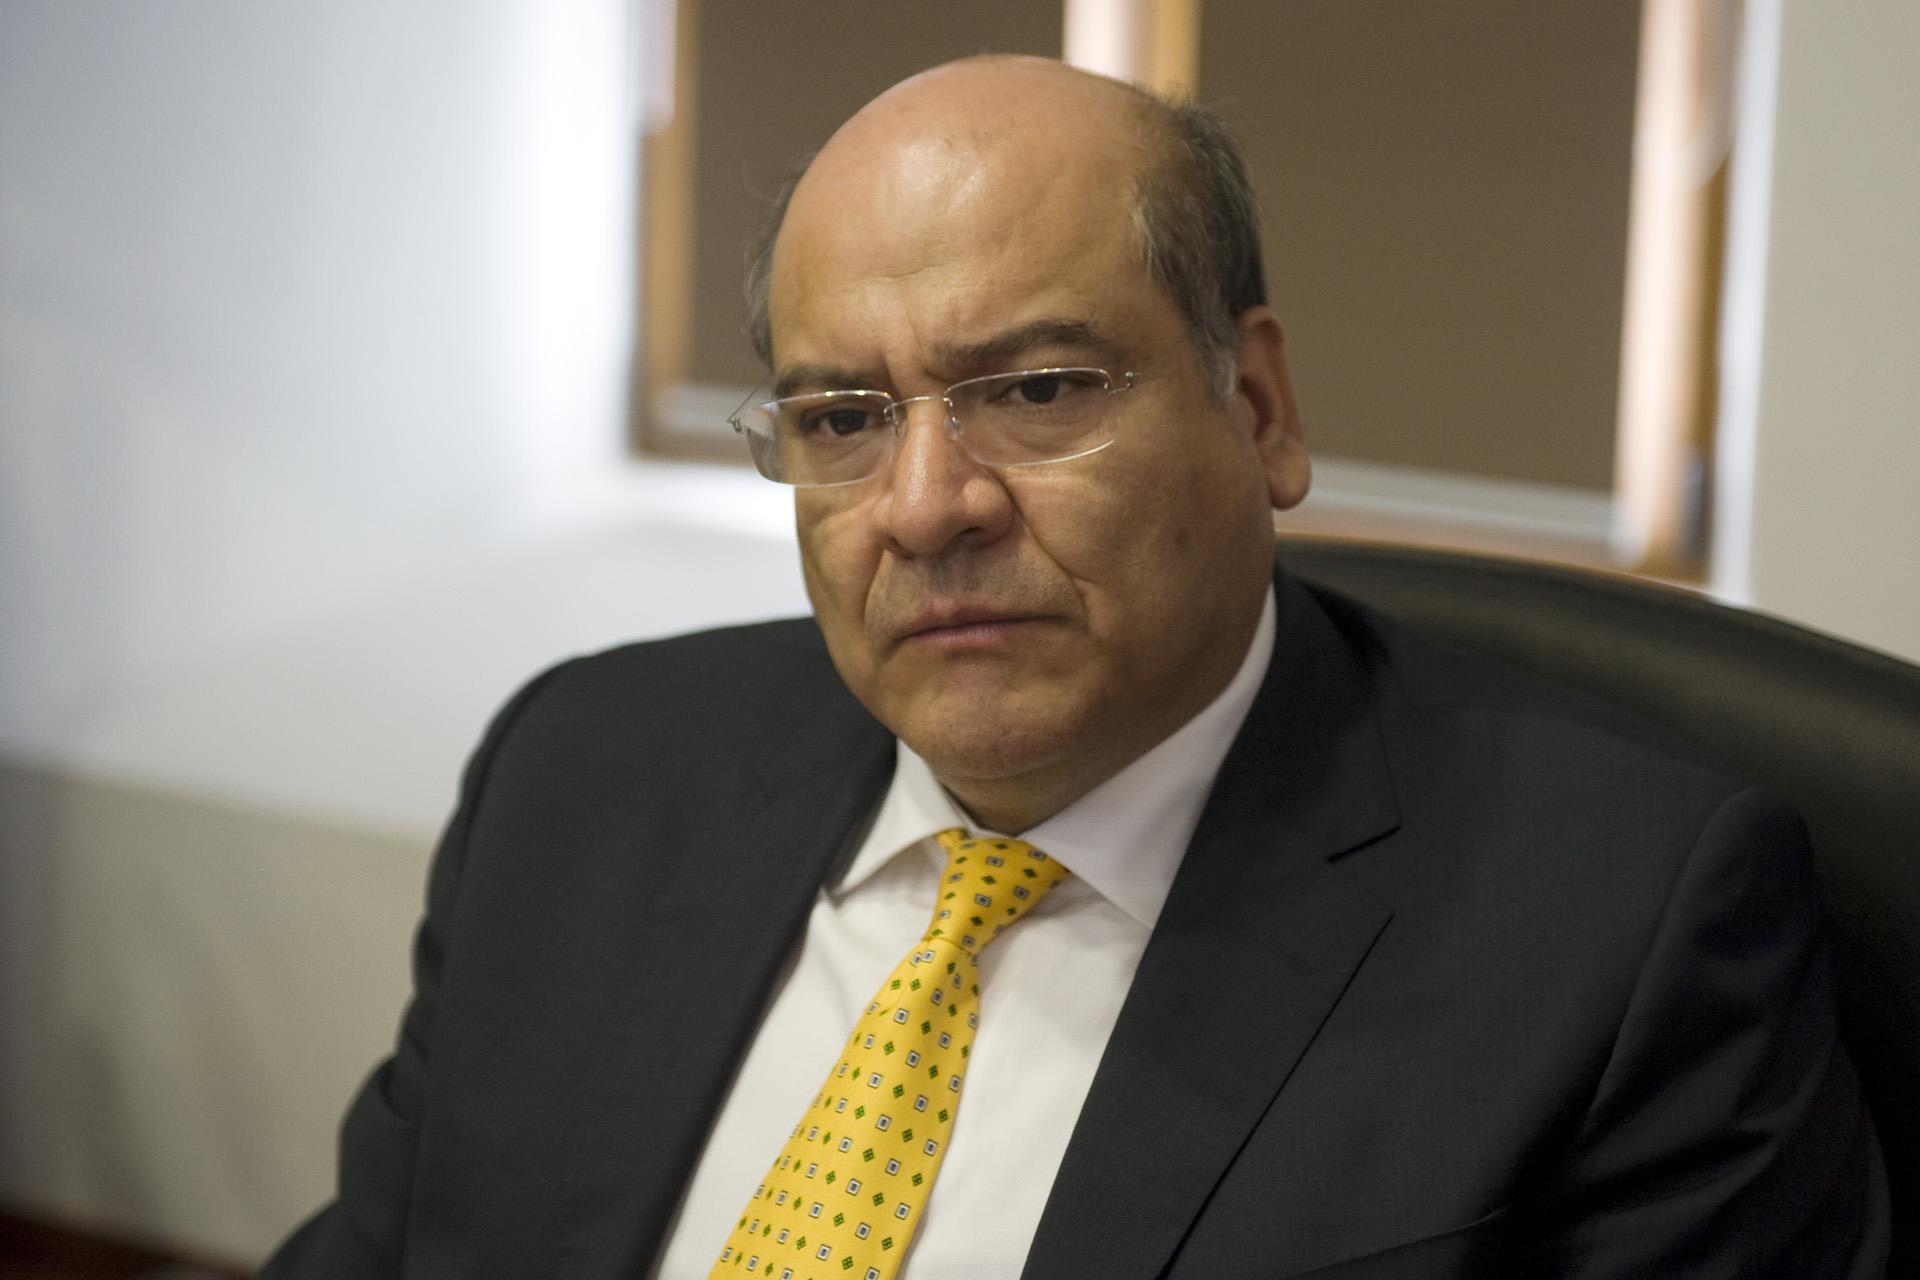 Renuncia Villacaña a la SA; va por Presidencia Municipal, de nuevo   El Imparcial de Oaxaca